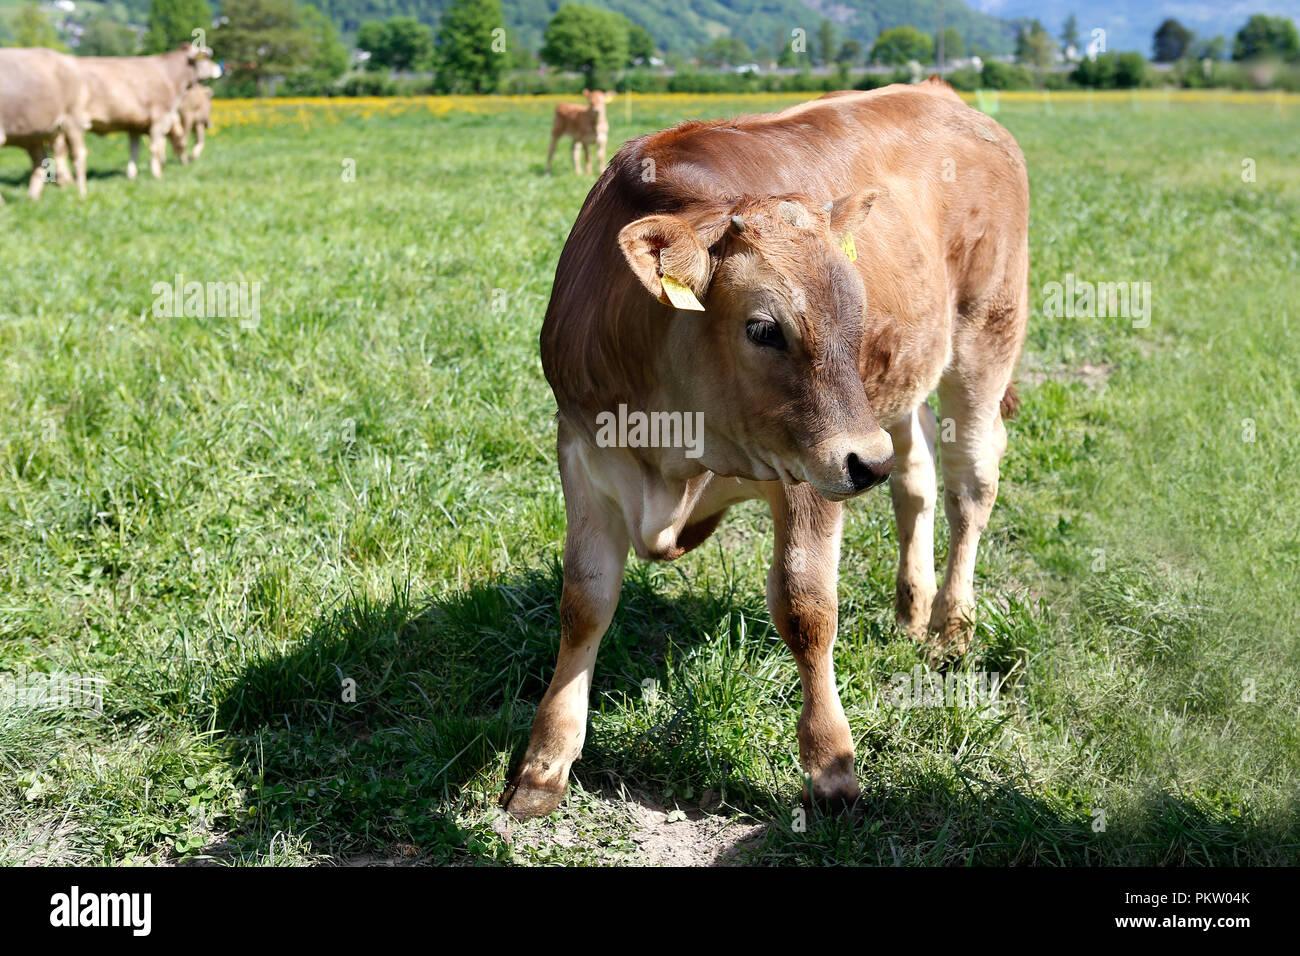 Europa Schweiz Sarganser Land Wangs Gonzen - Kalb e morgens auf der Weide ein einem schönen Frühlingstag in der Schweiz Stockbild